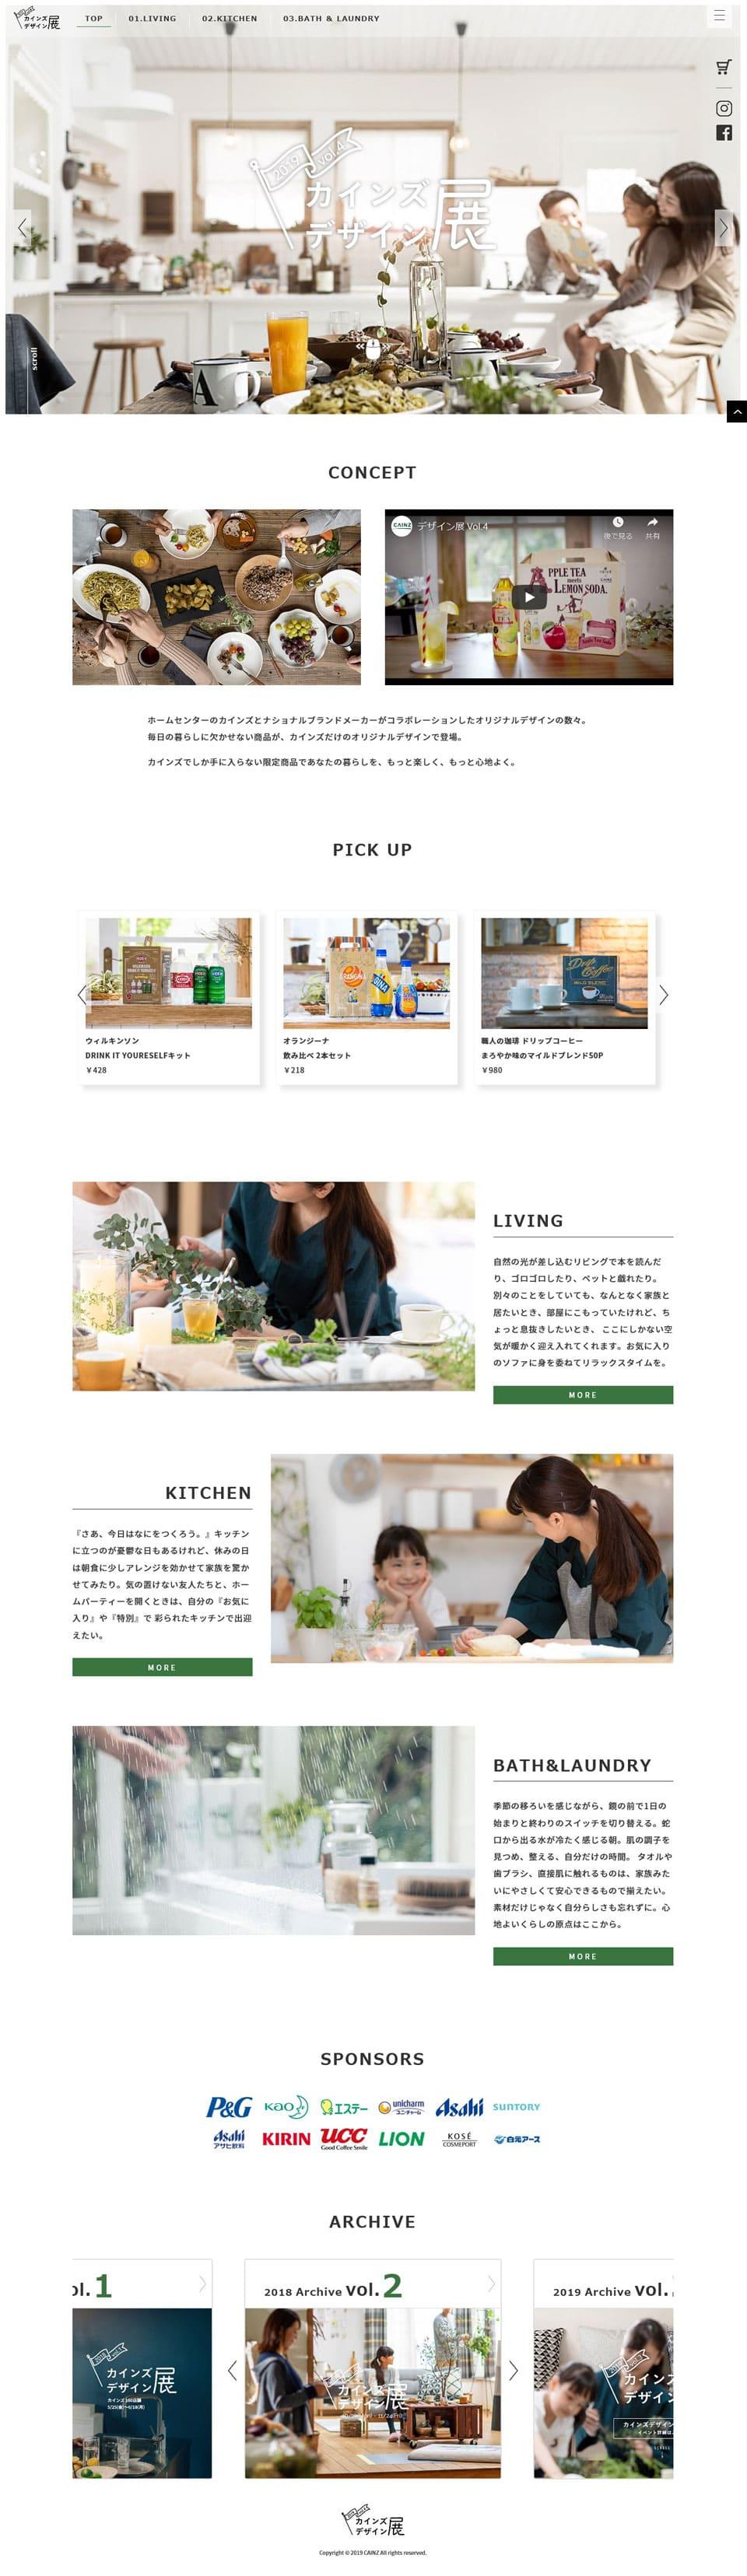 カインズホーム様 カインズデザイン展 Vol.4